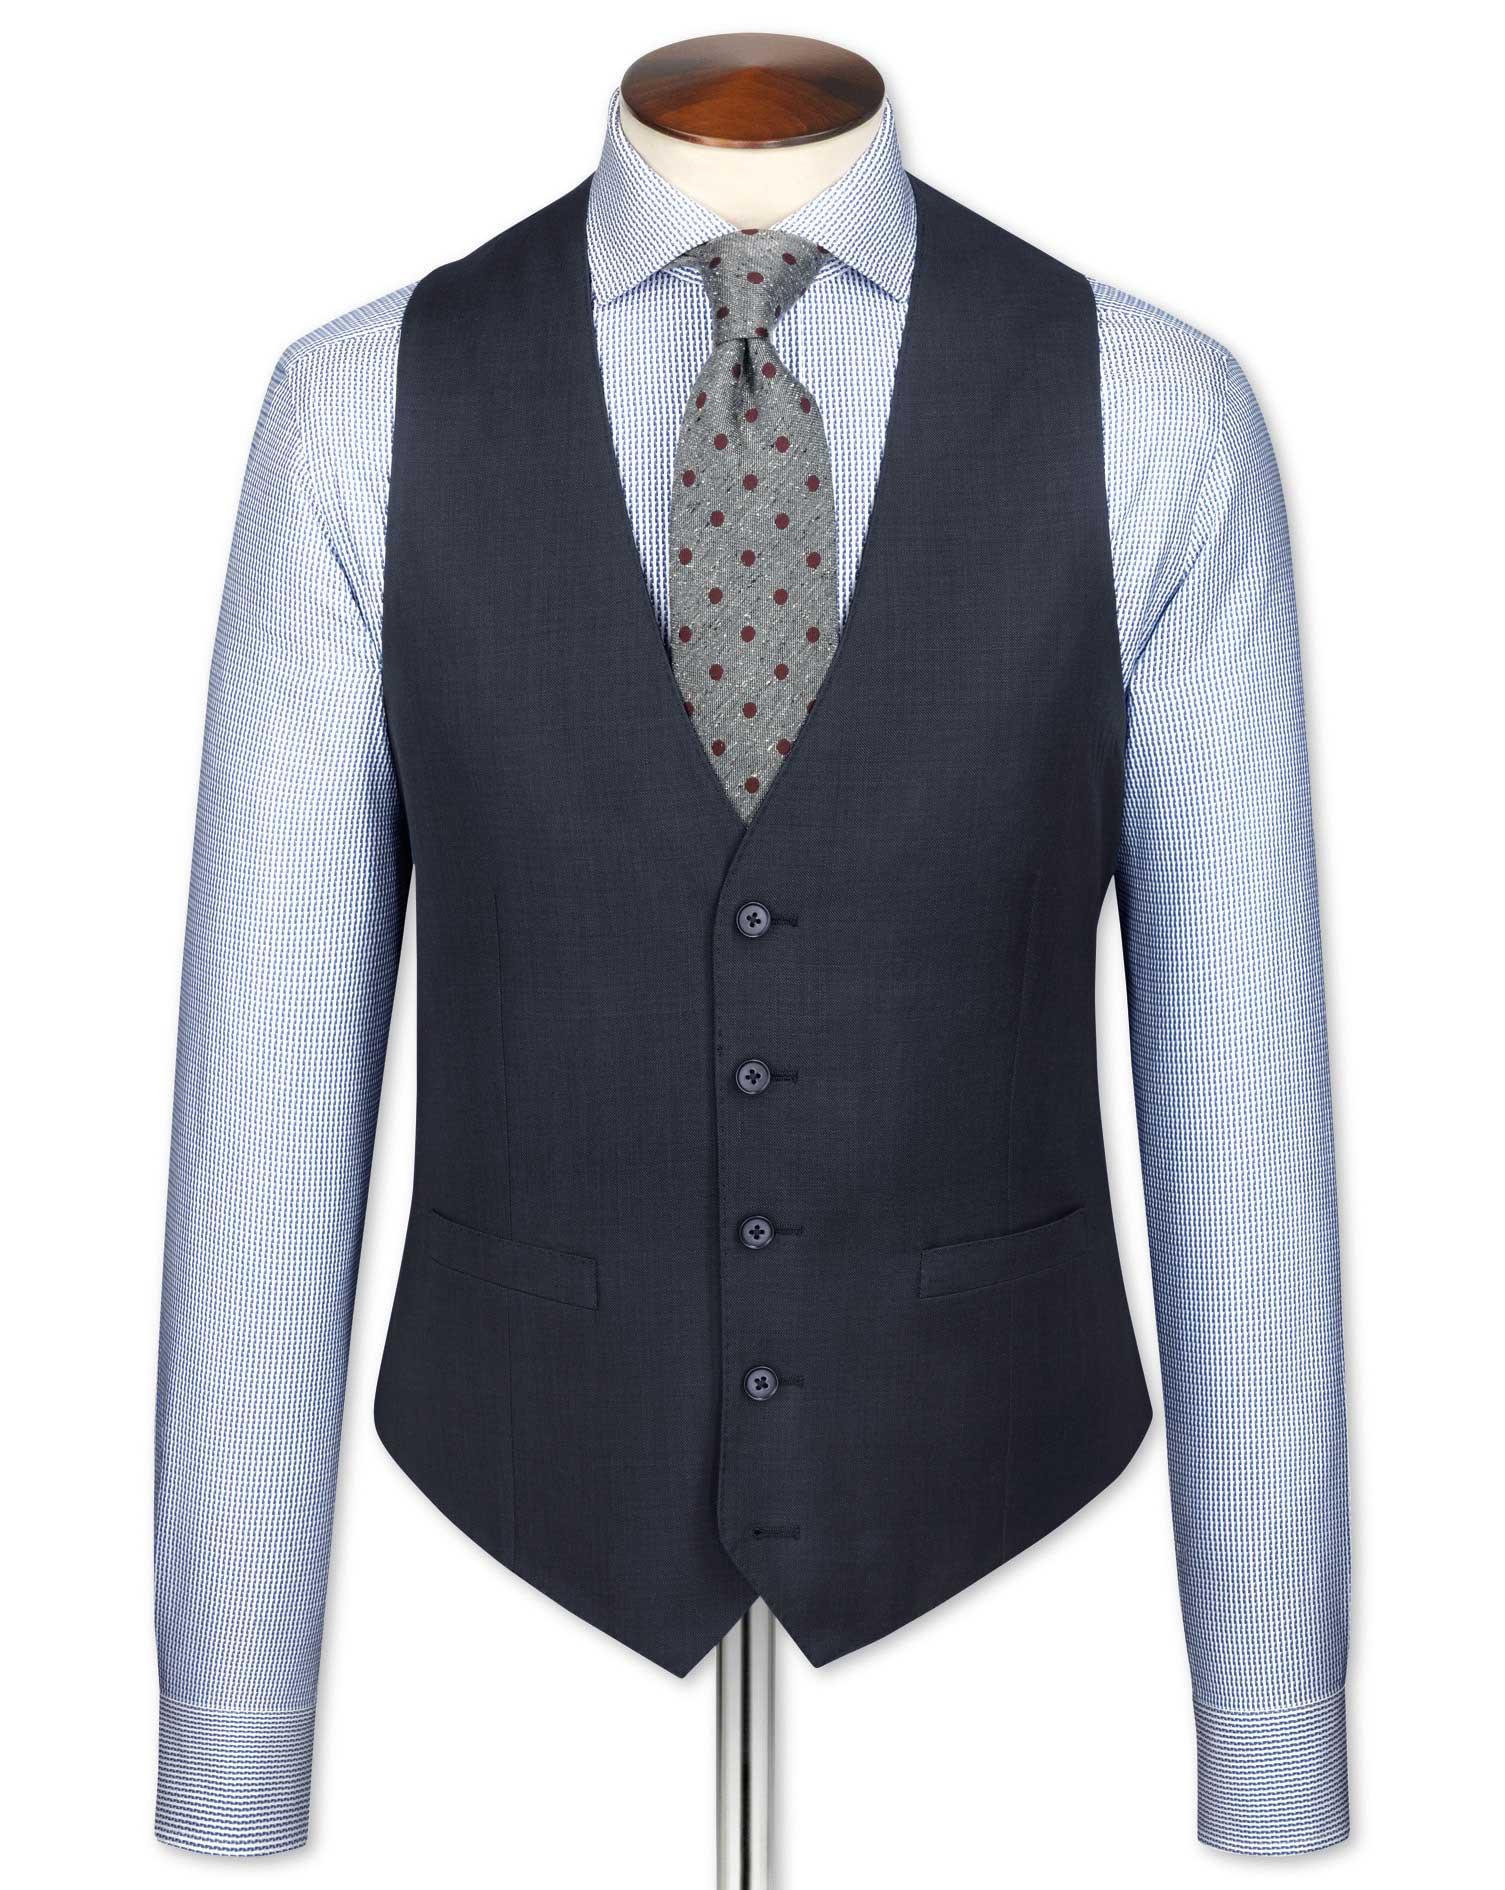 Blue Slim Fit Sharkskin Travel Suit Wool Waistcoat Size w42 by Charles Tyrwhitt